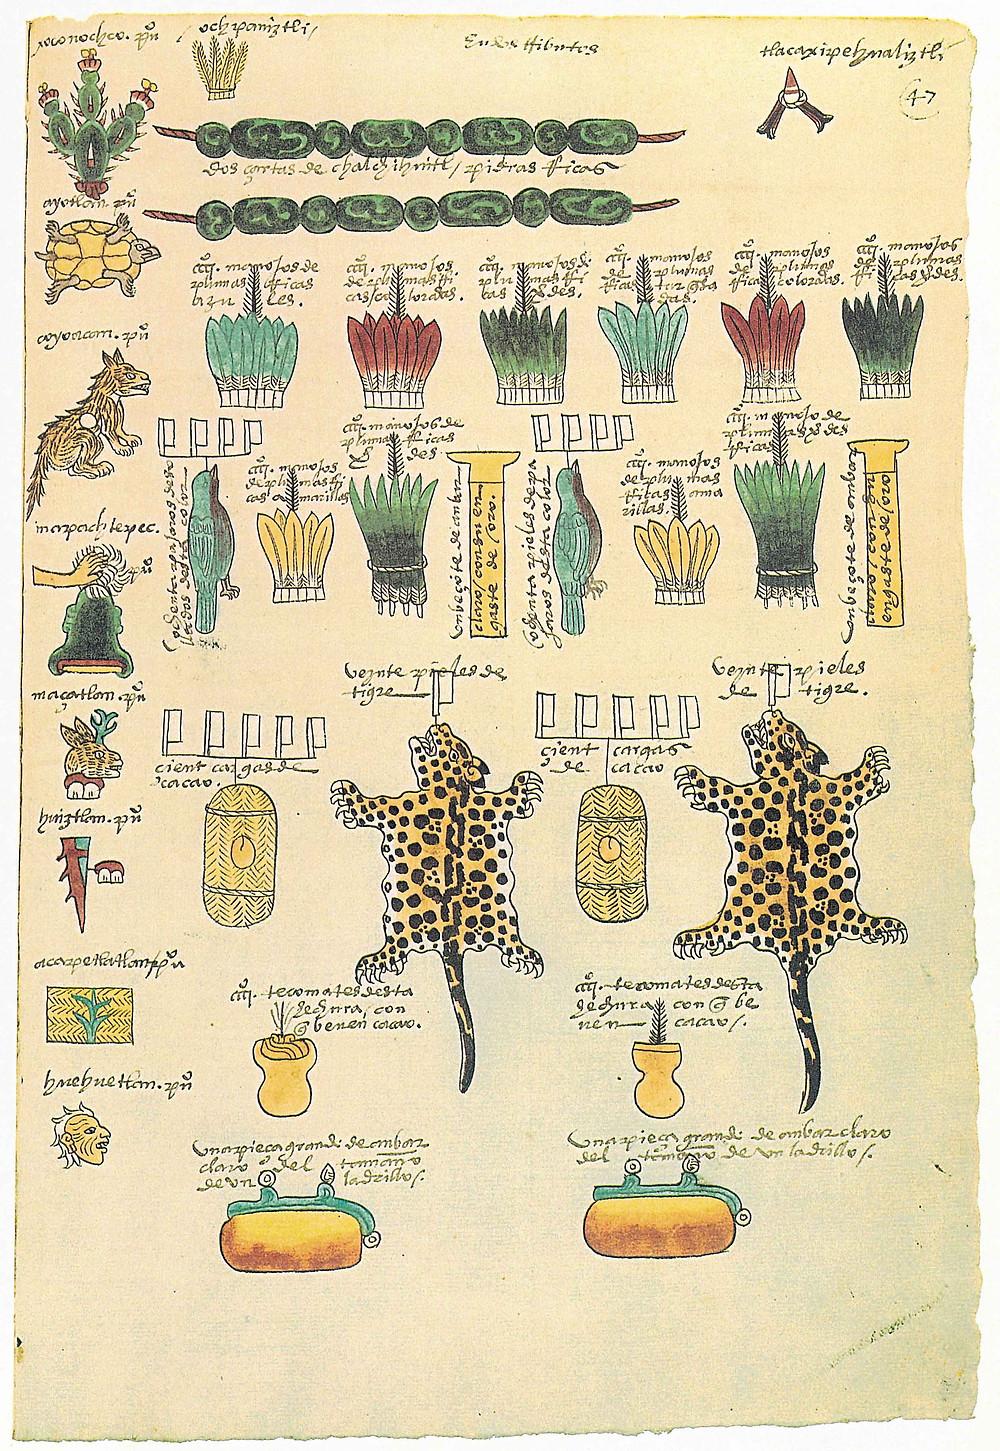 Codex Mendoza, Folio 47, recto